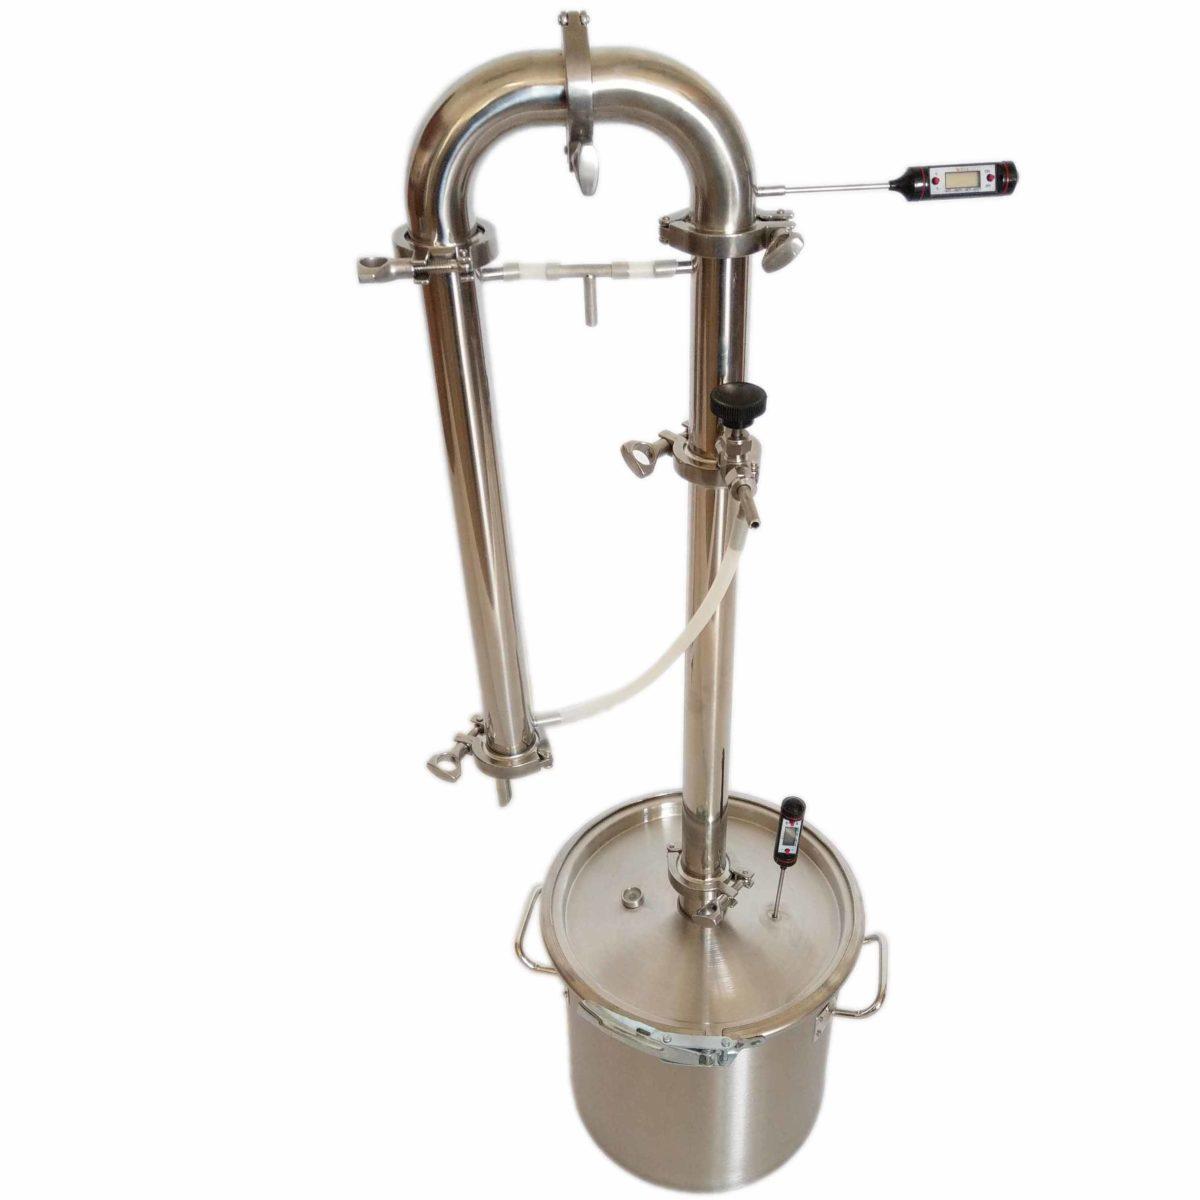 Термосфера самогонный аппарат с парогенератором домашняя пивоварня магарыч отзывы